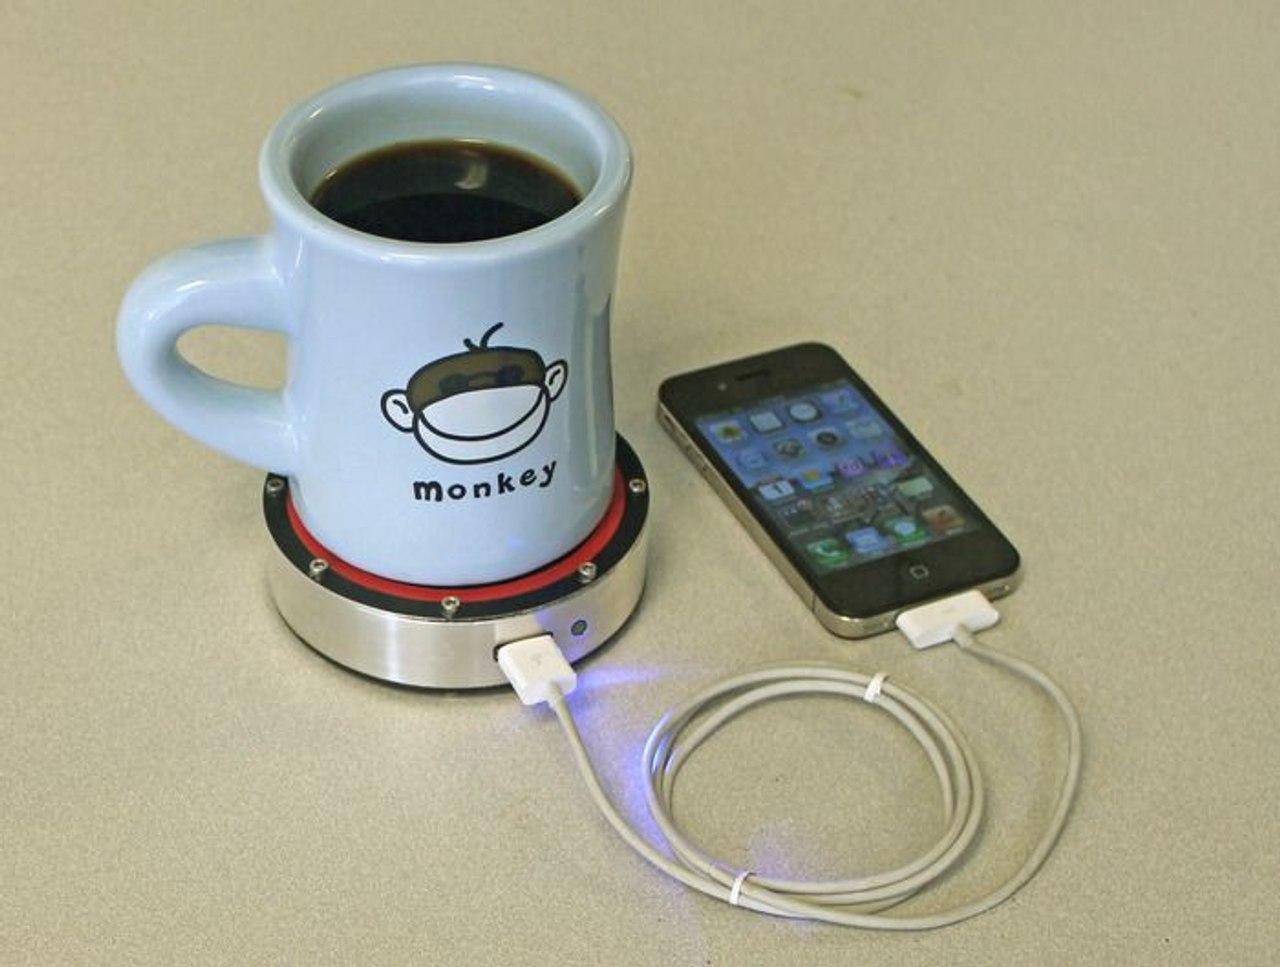 Устройство ONE PUCK - зарядит телефон с помощью горячего чая и холодной воды